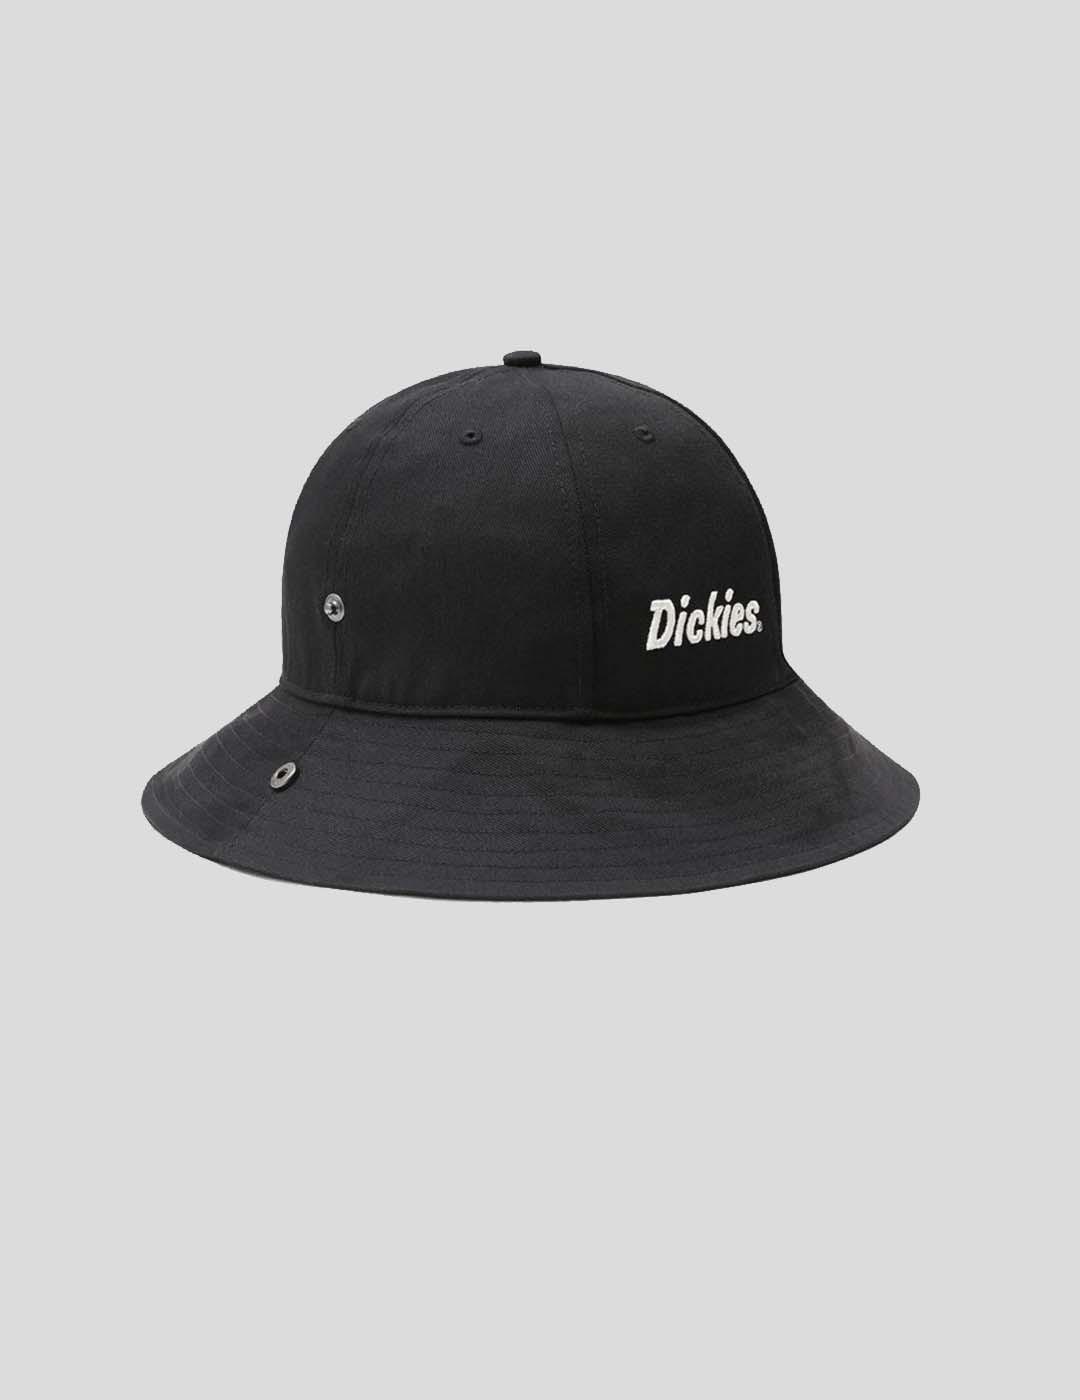 GORRO DICKIES BETTLES BUCKET HAT BLACK